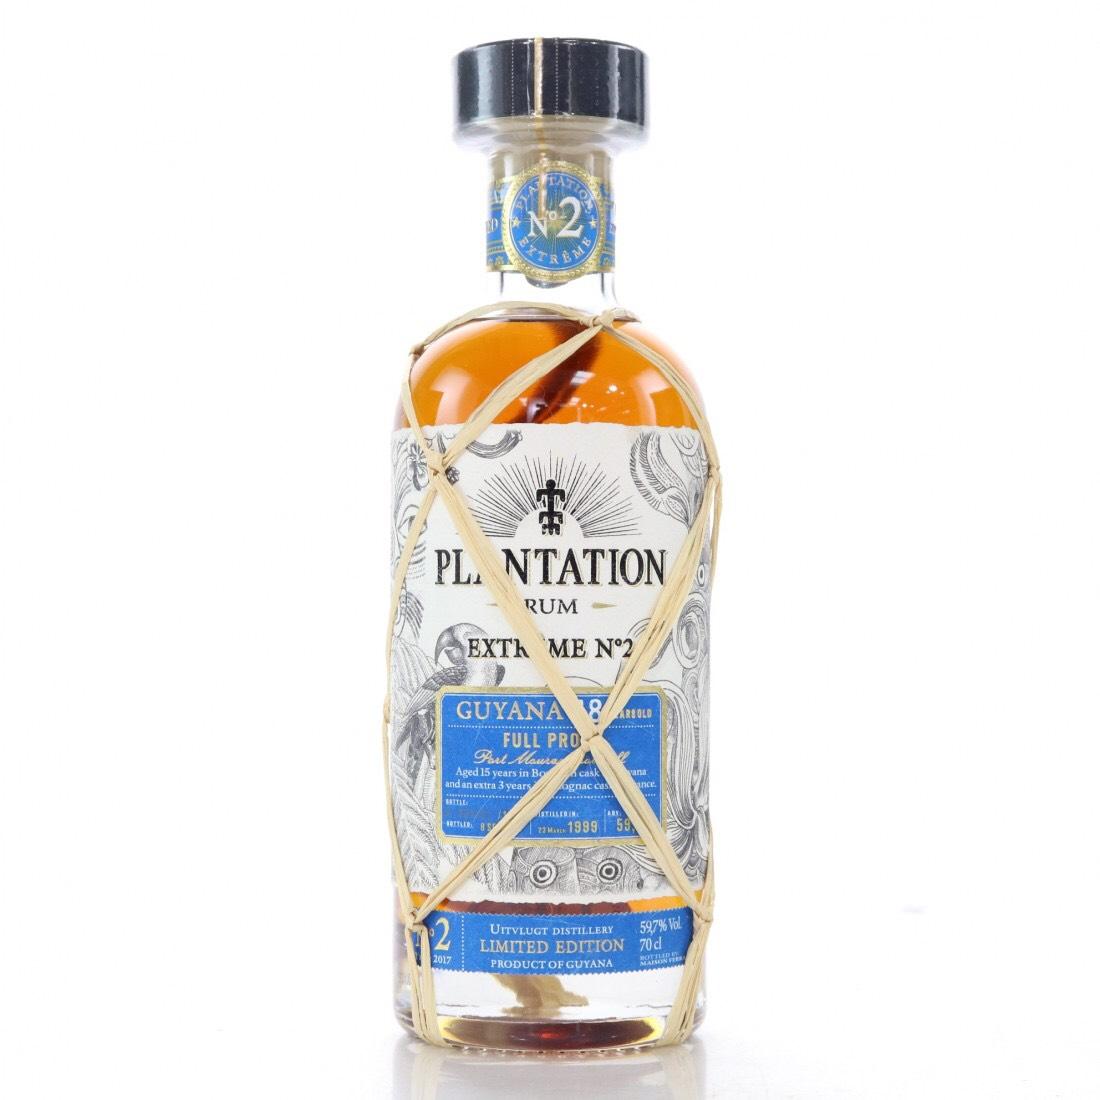 Bottle image of Plantation Extreme No. 2